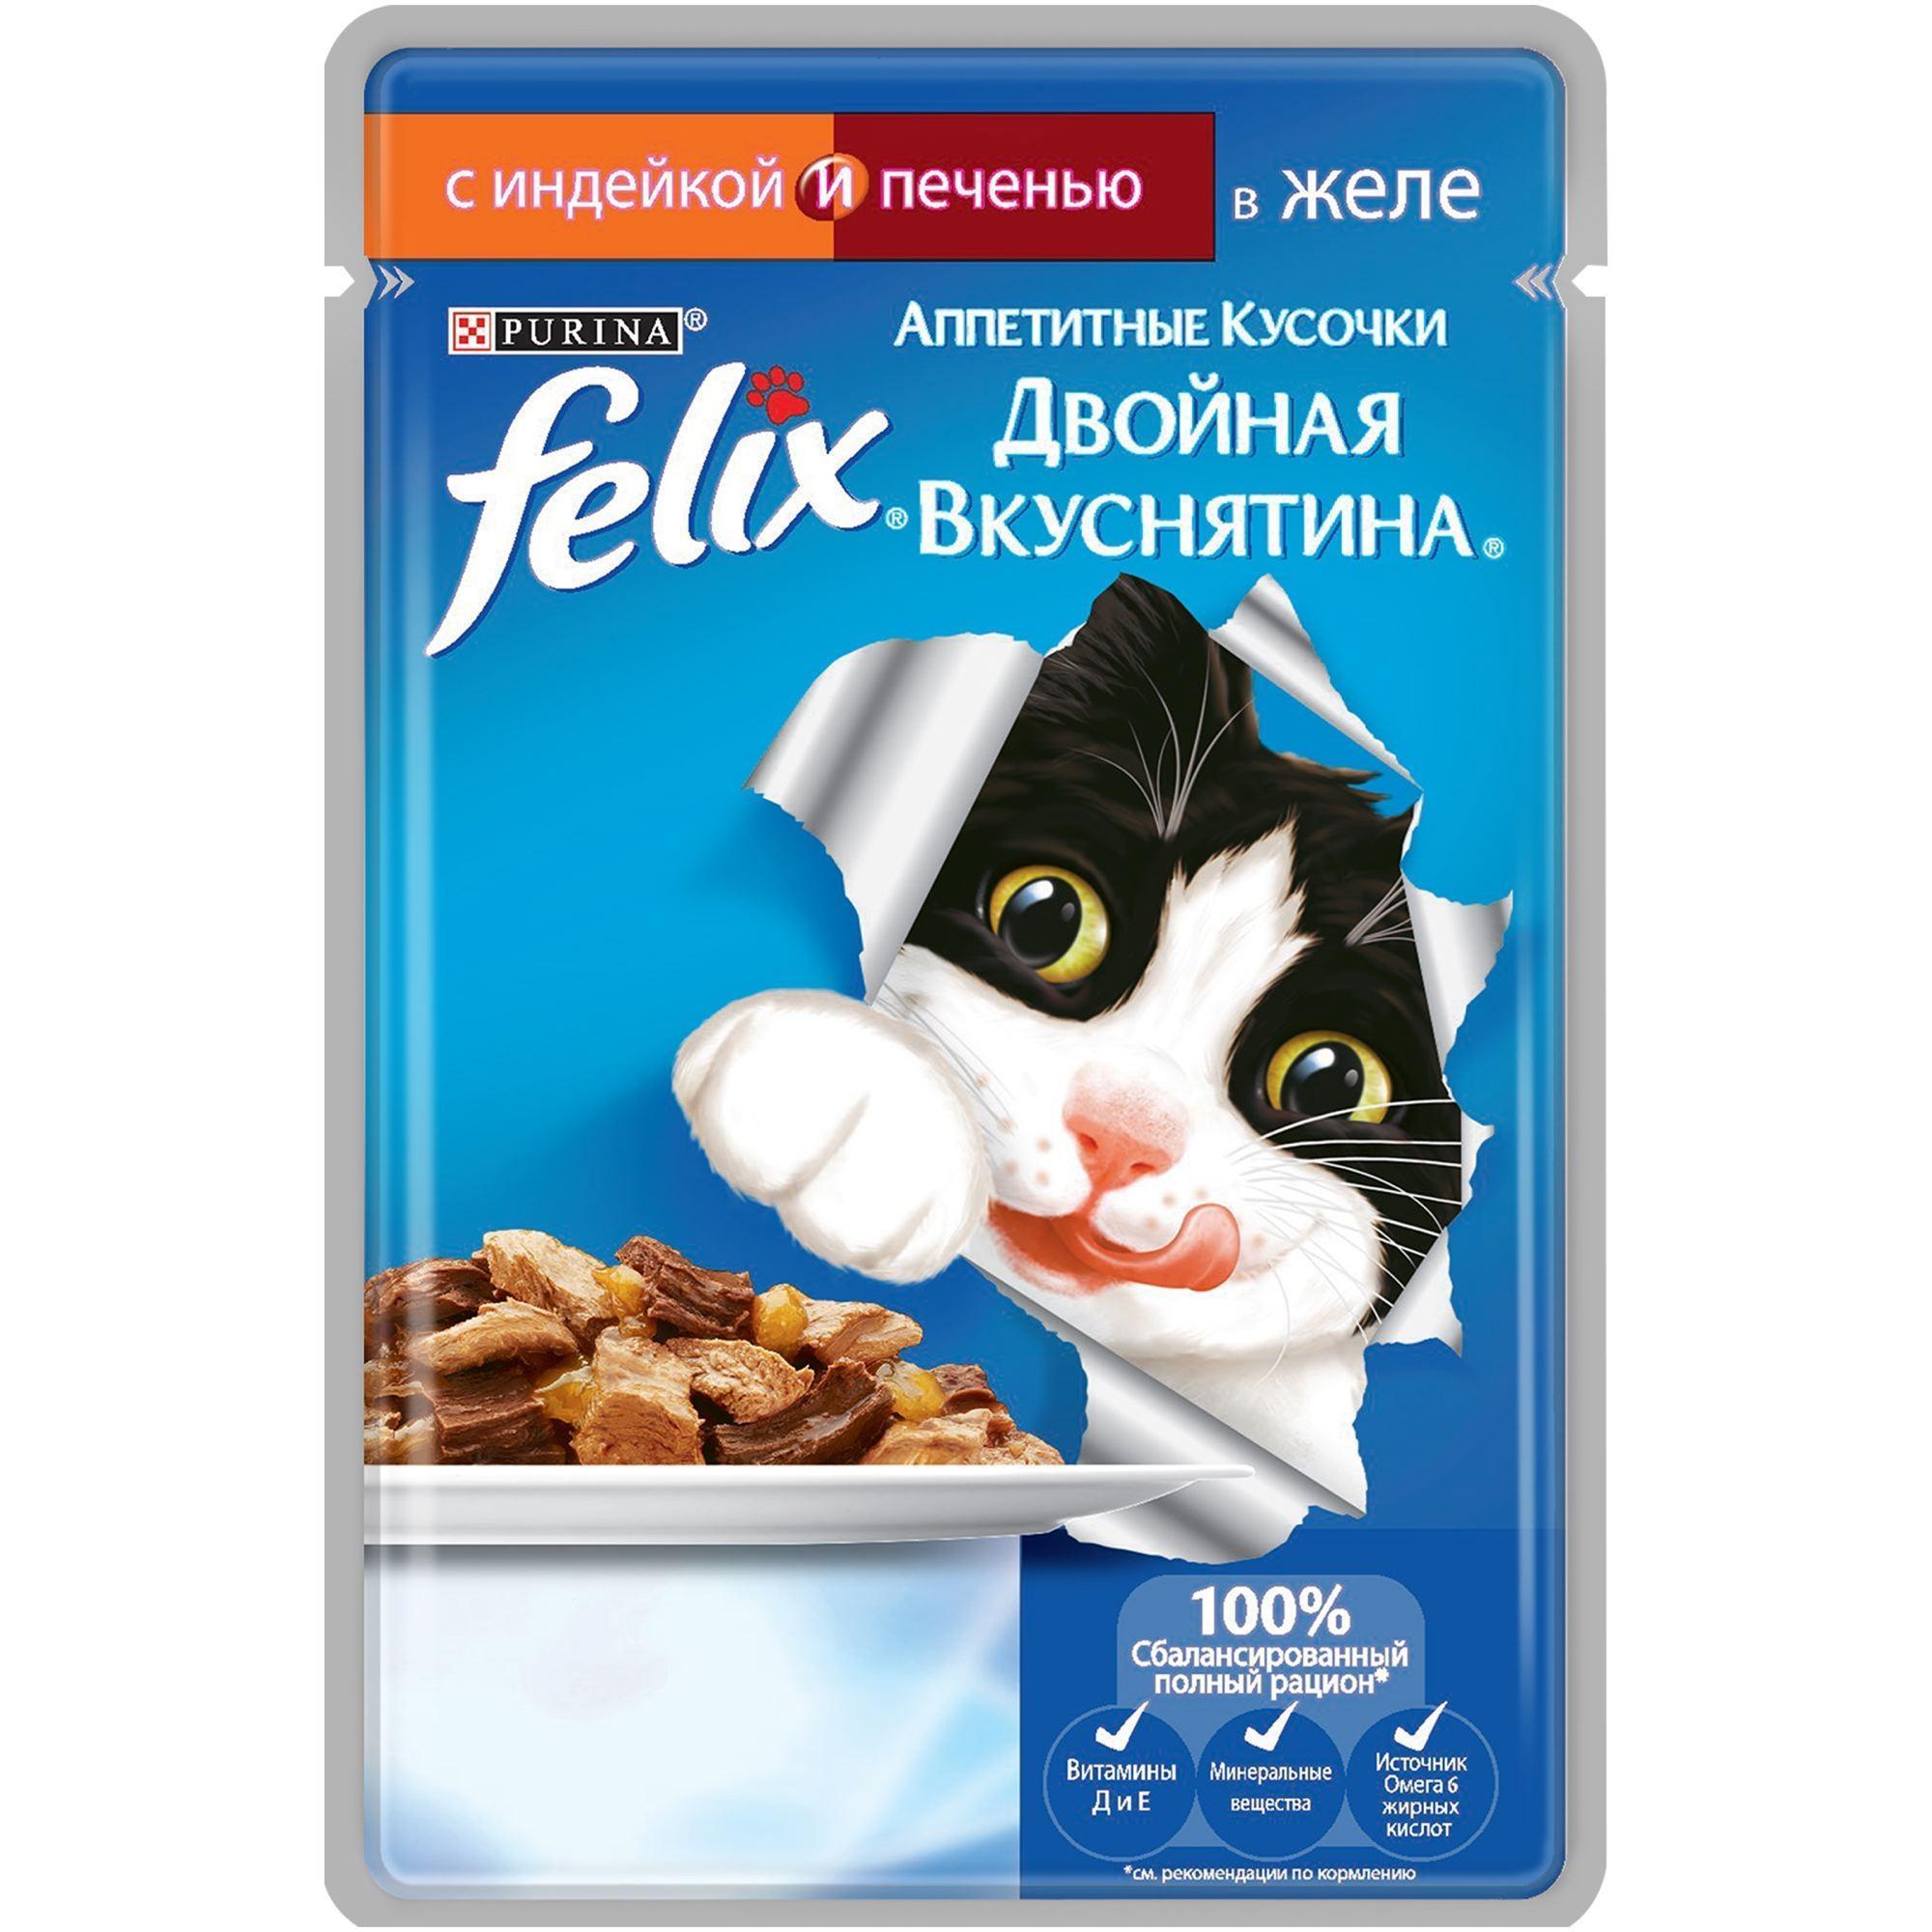 Корм влажный для кошек аппетитные кусочки двойная вкуснятина Индейка и Печень Felix 85 гр. Дой-пак